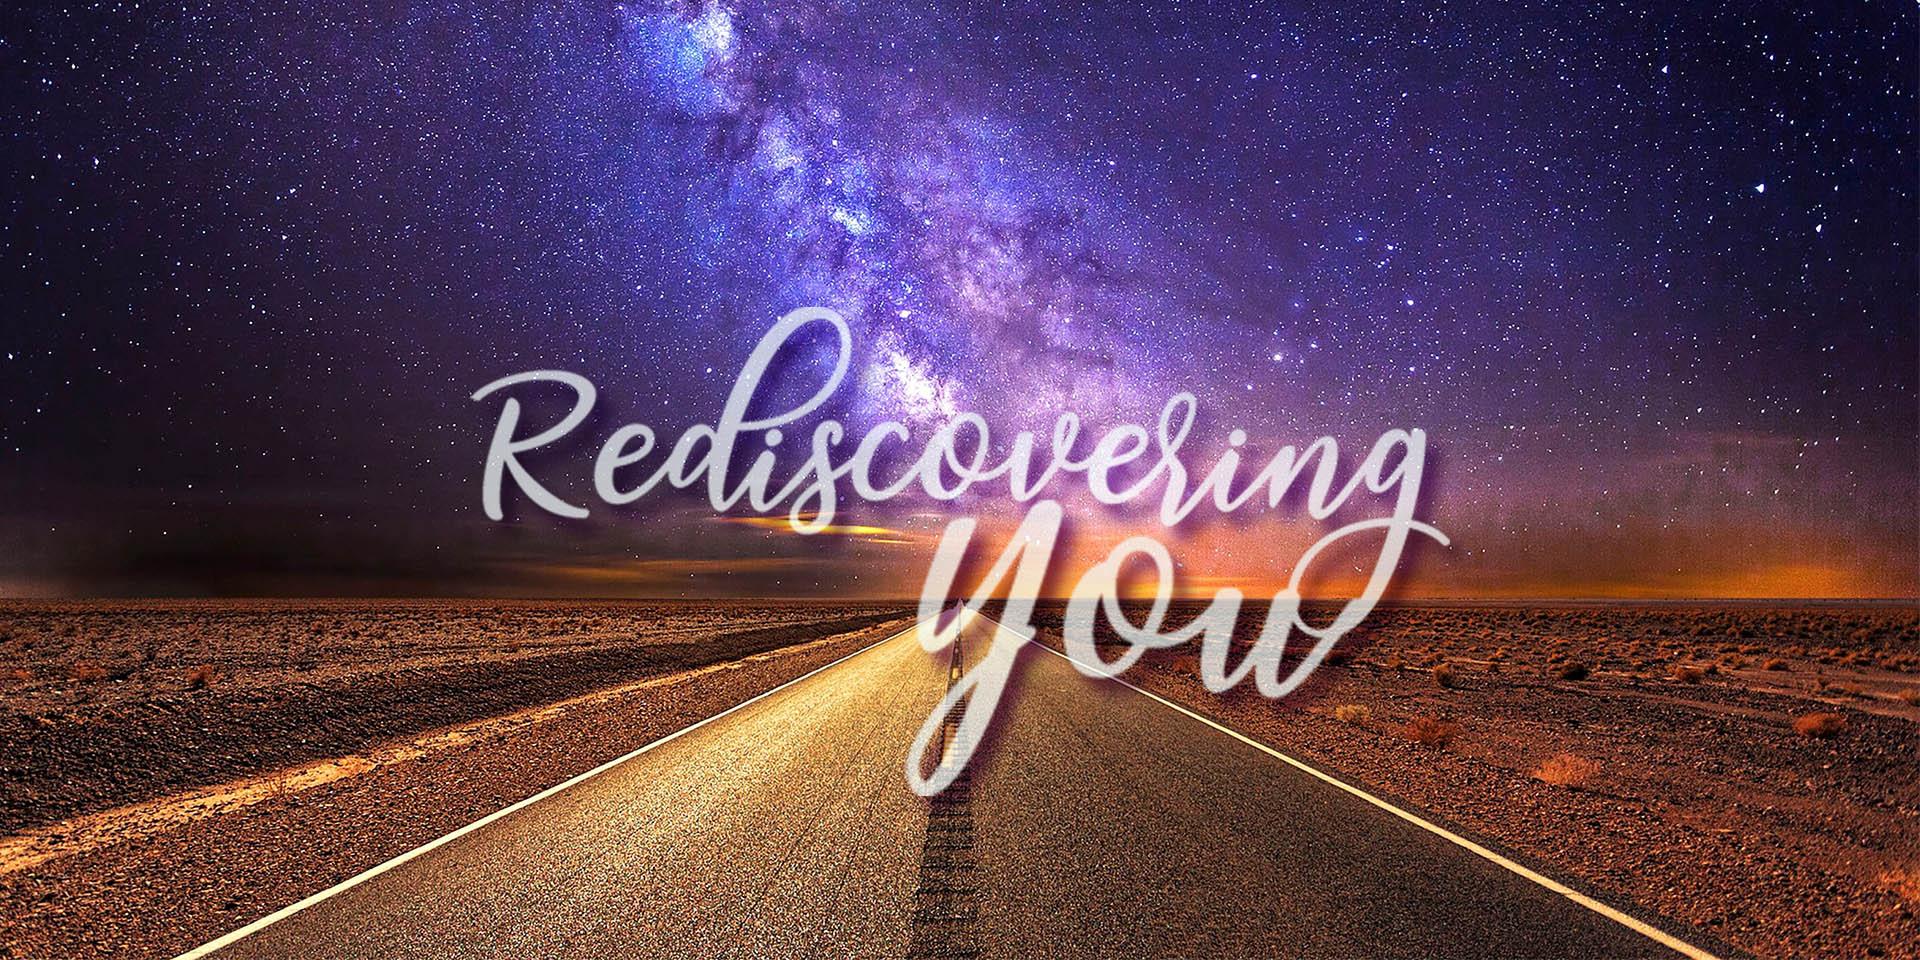 Rediscovering You Workshop